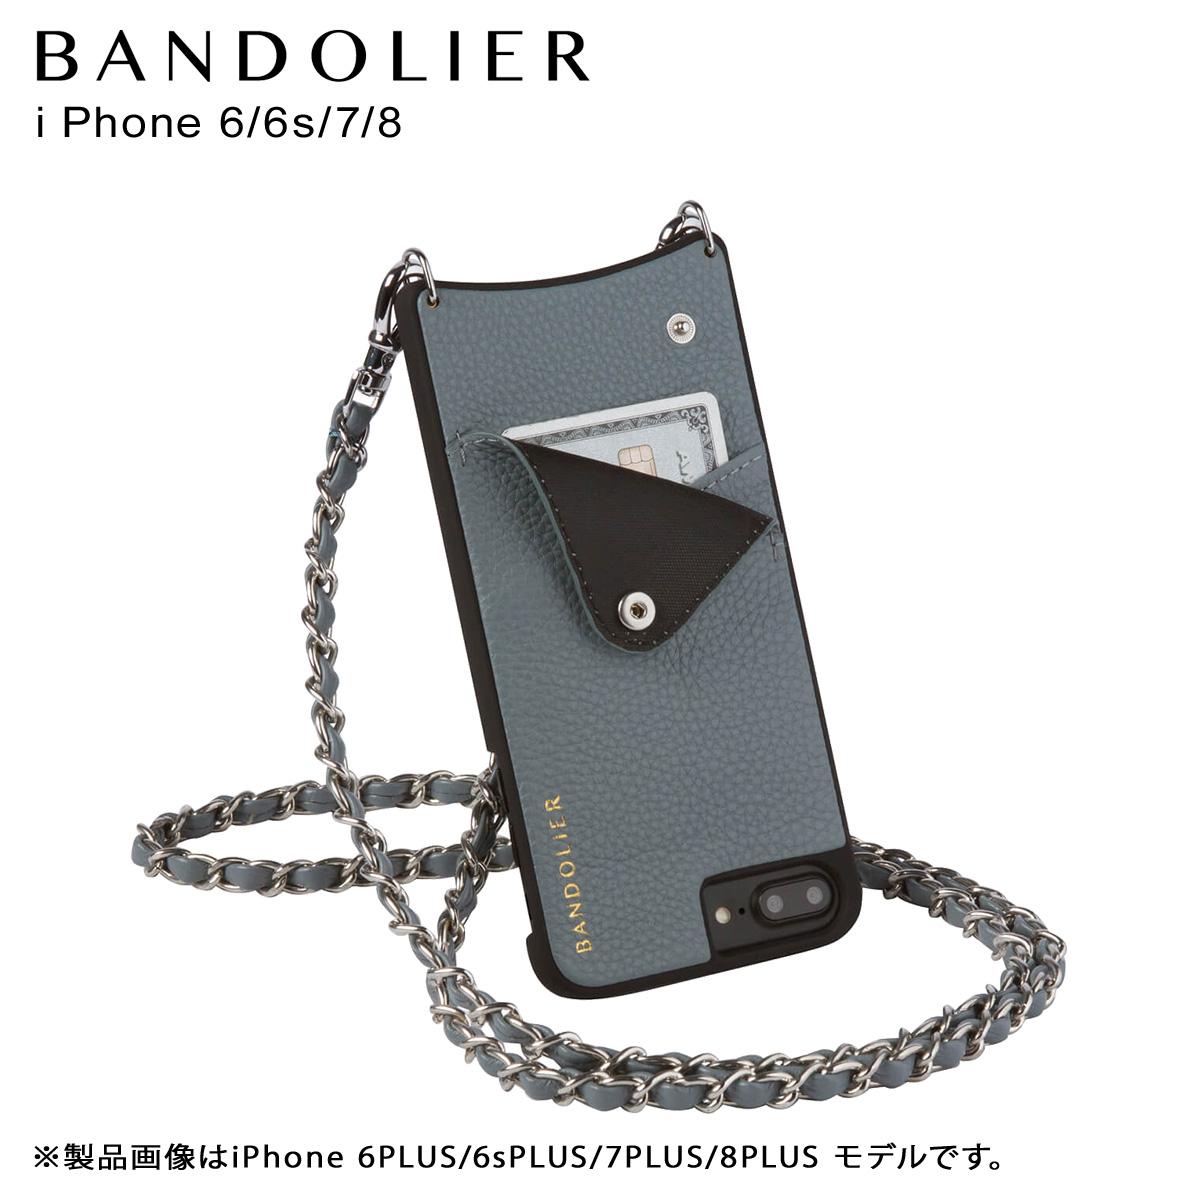 BANDOLIER バンドリヤー iPhone8 iPhone7 6s ケース スマホ アイフォン LUCY STORM メンズ レディース